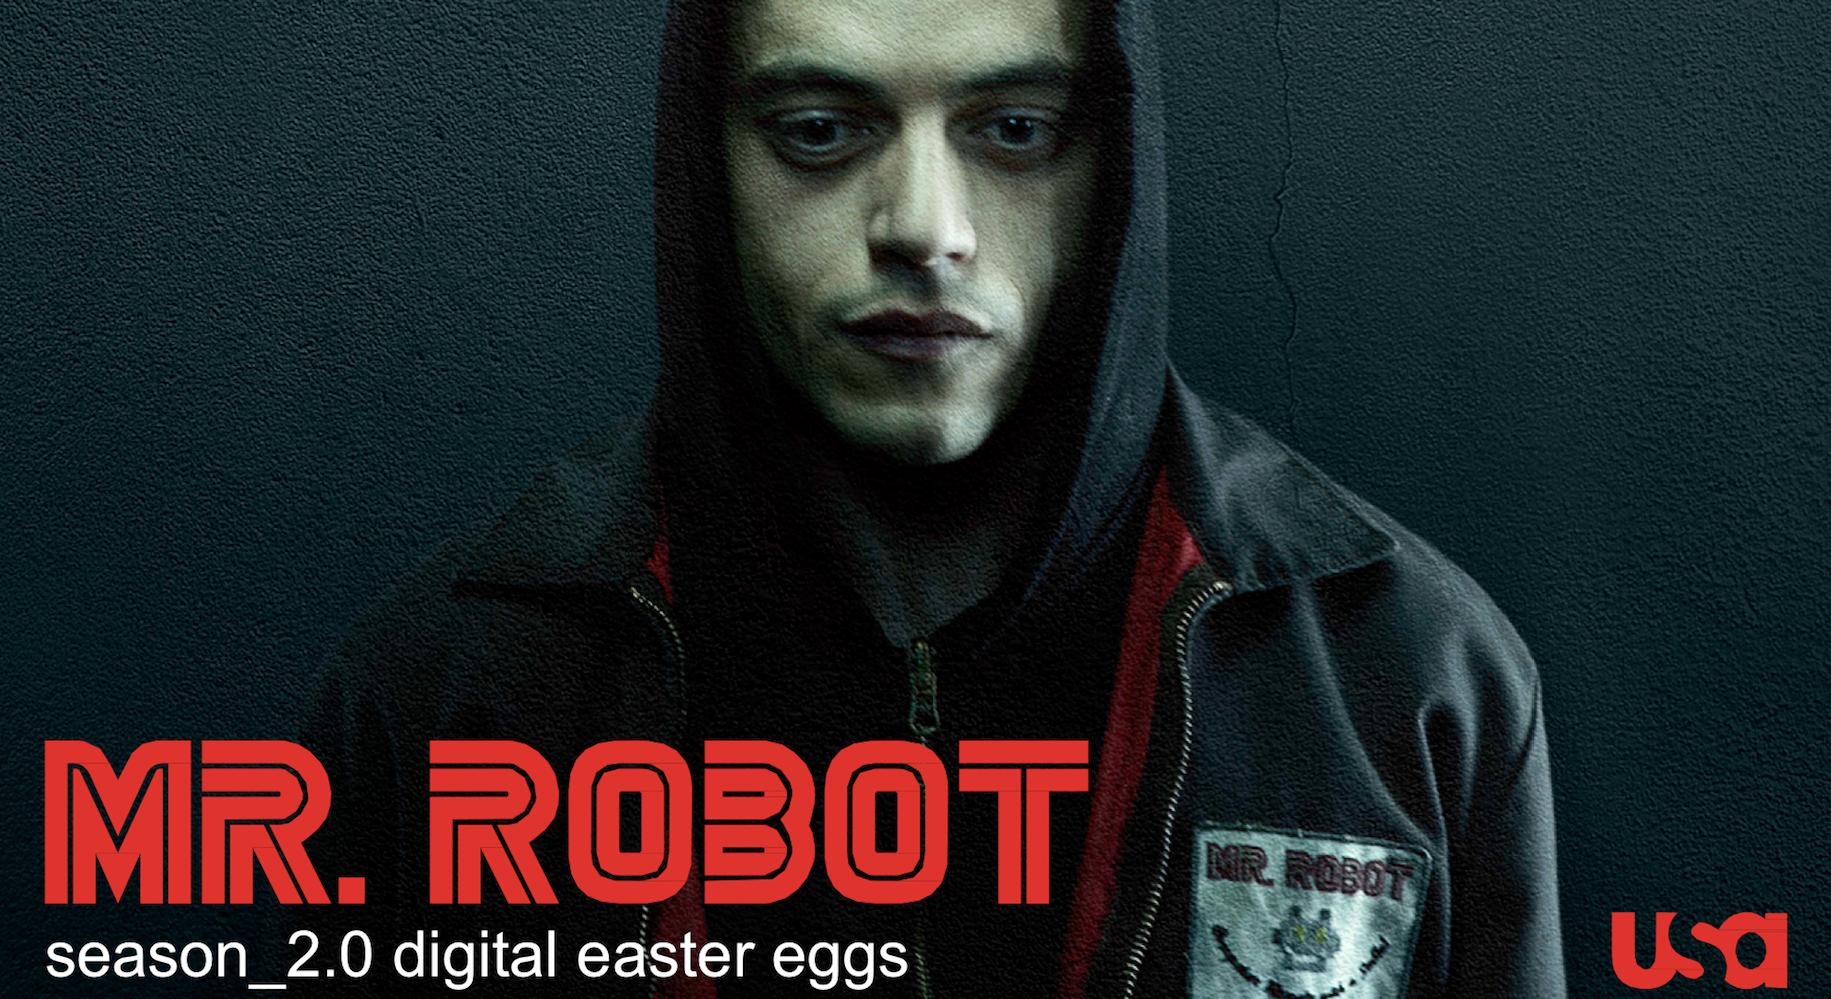 Thumbnail for Mr. Robot Season 2 Digital Easter Eggs